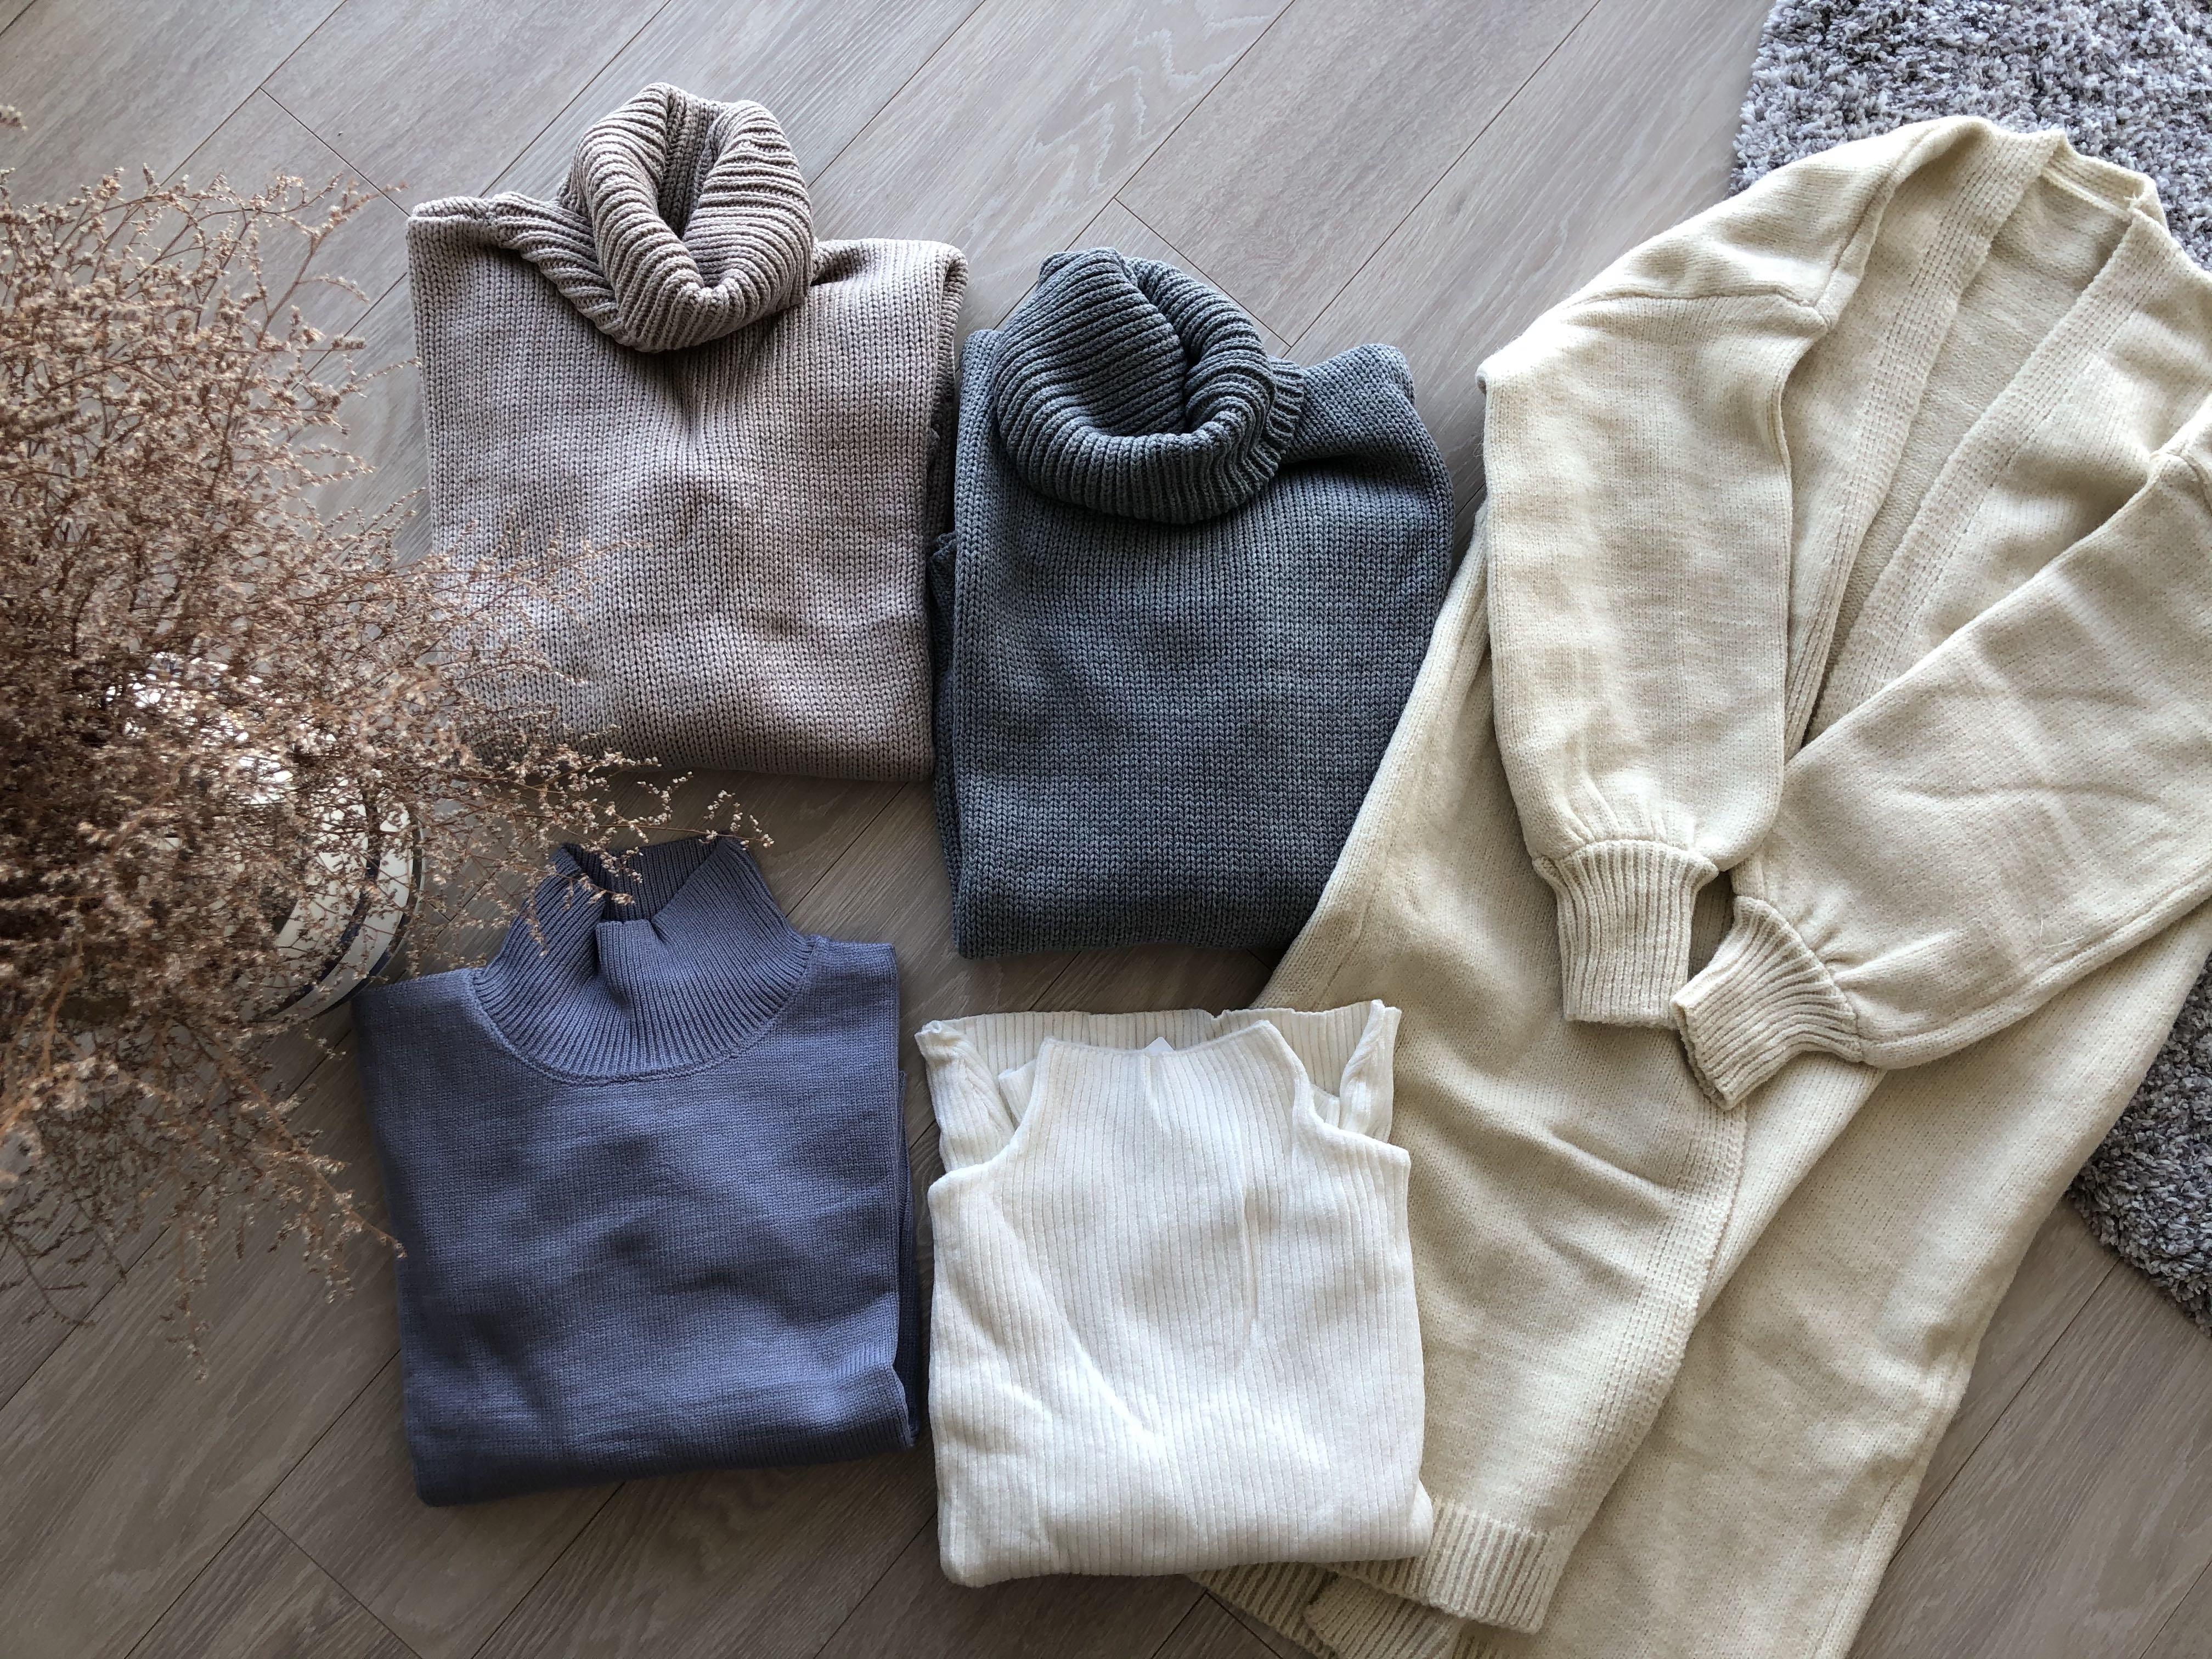 大人気通販サイトで冬物お洋服5つ買っても1万円!コスパ最強!